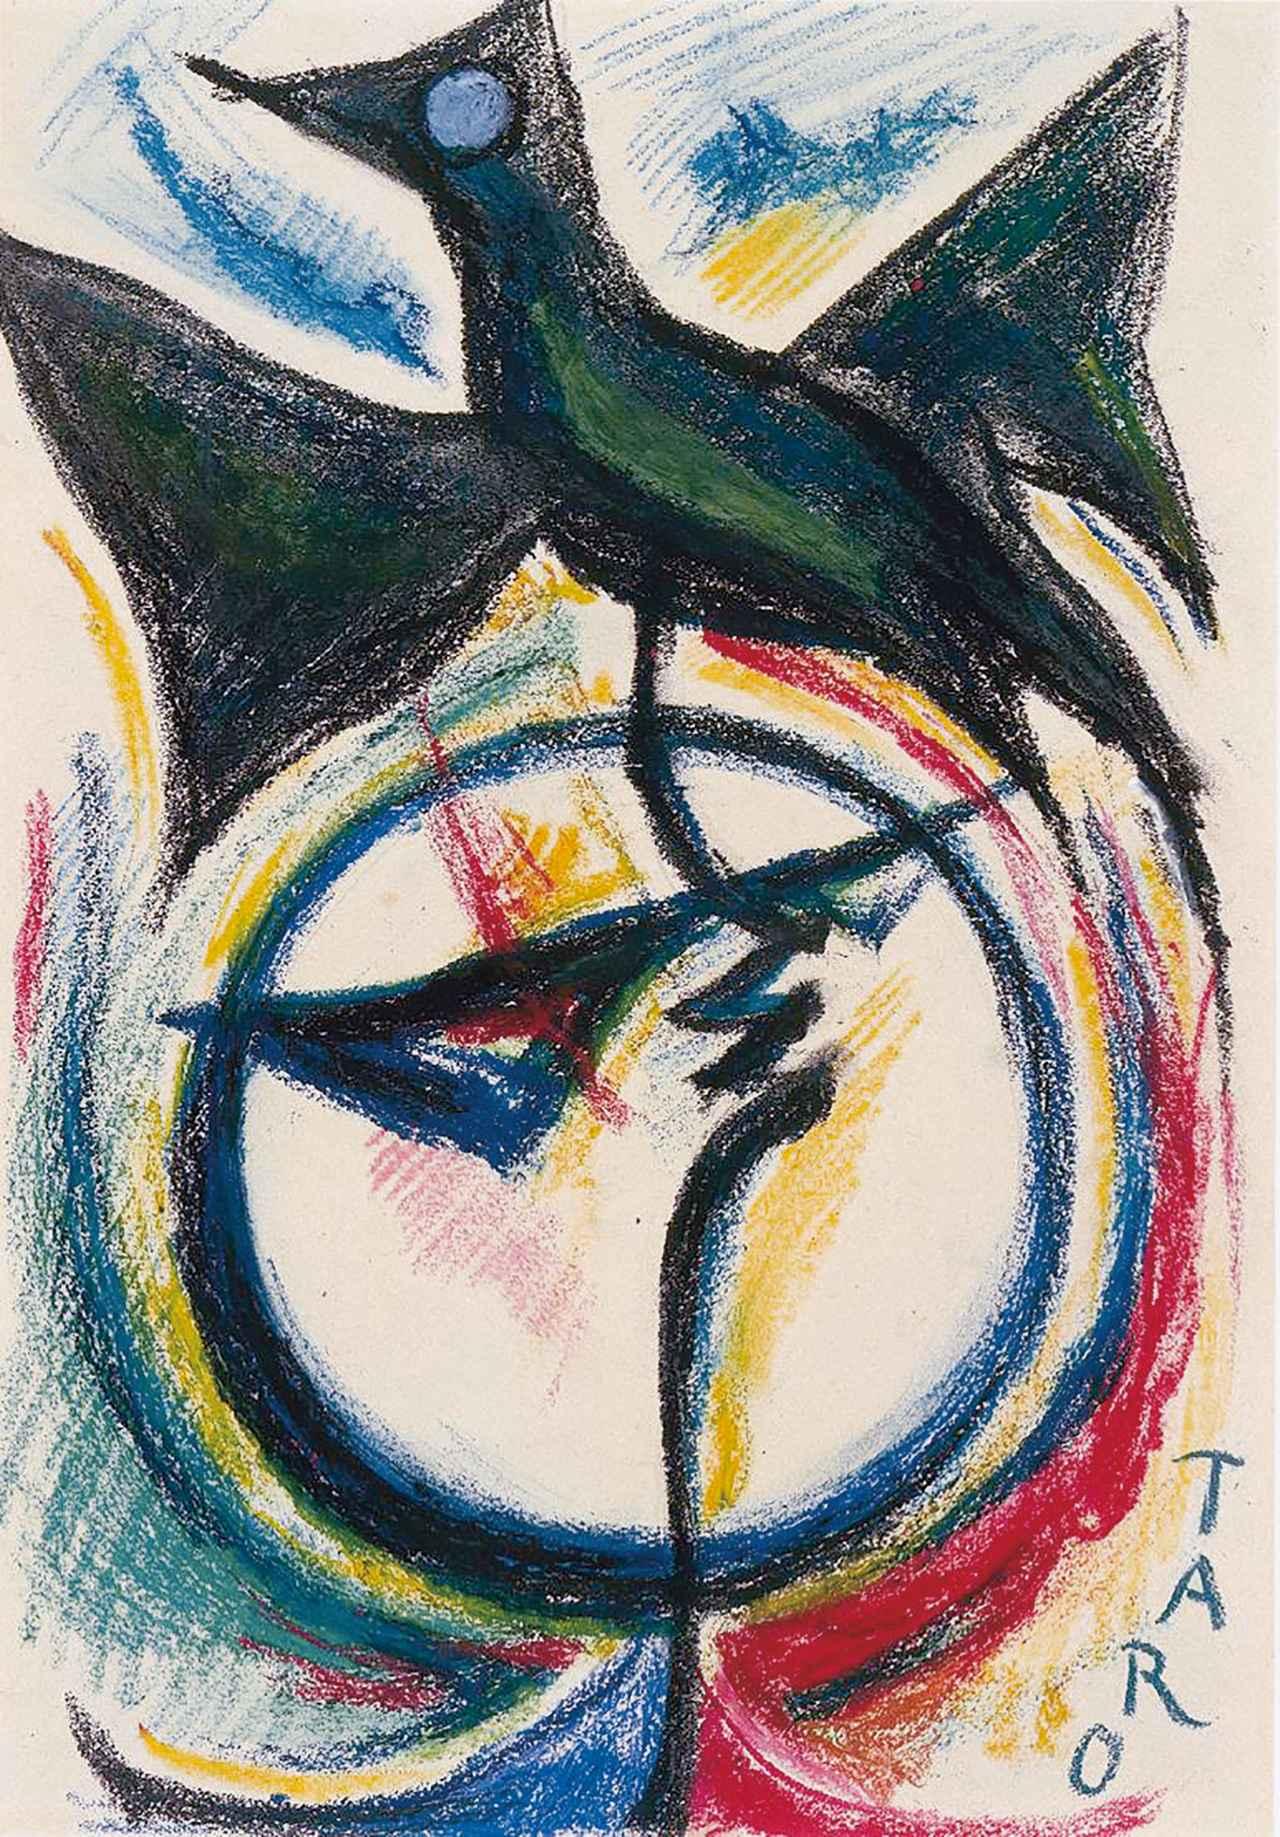 画像: 岡本太郎《鳥と太陽》制作年不明 35.6 × 25.3cm  サクラアートミュージアム蔵